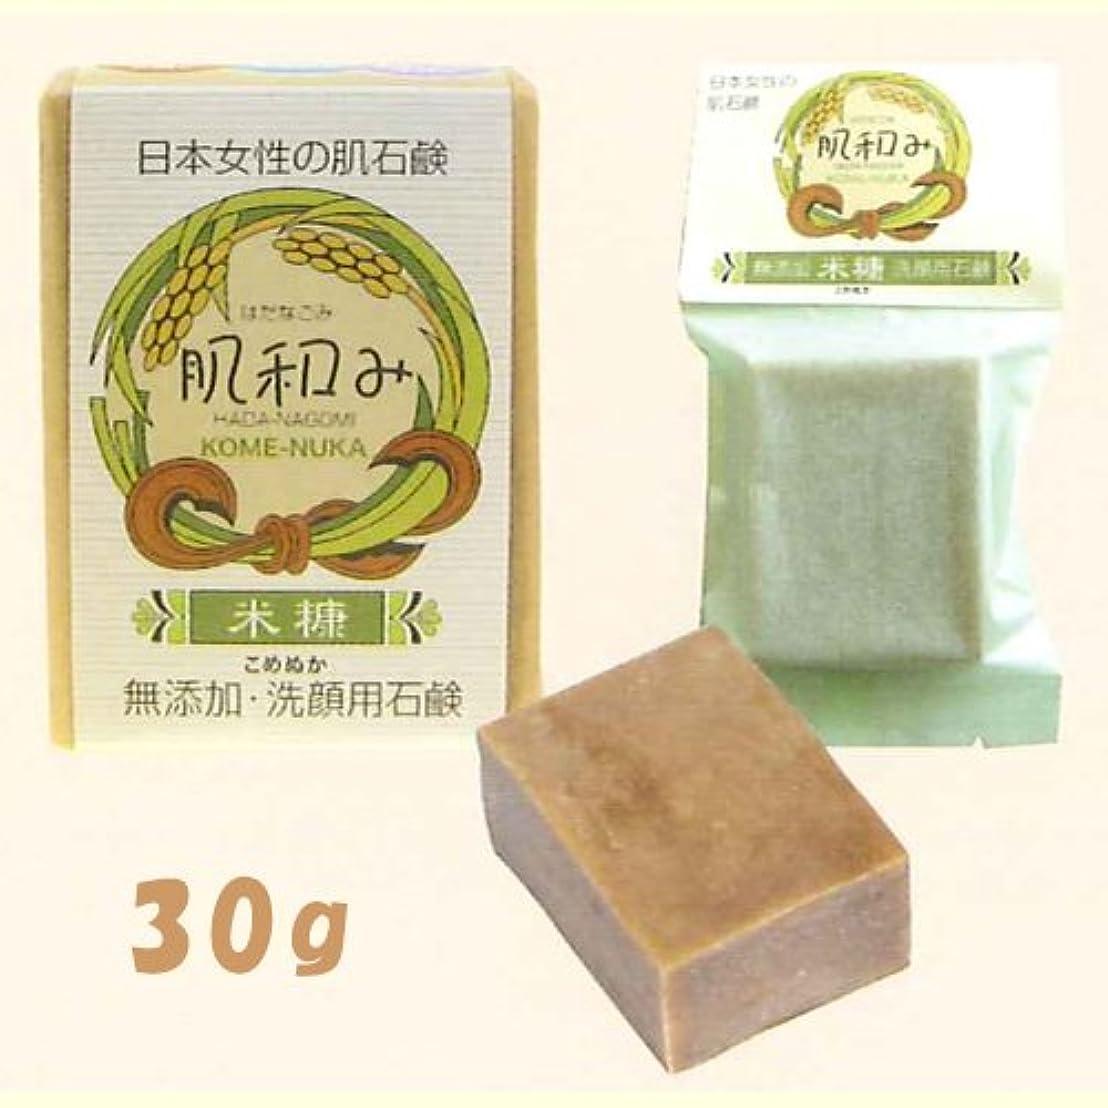 ホイール黄ばむ釈義米糠石鹸 肌和み 無添加ソープ 30g